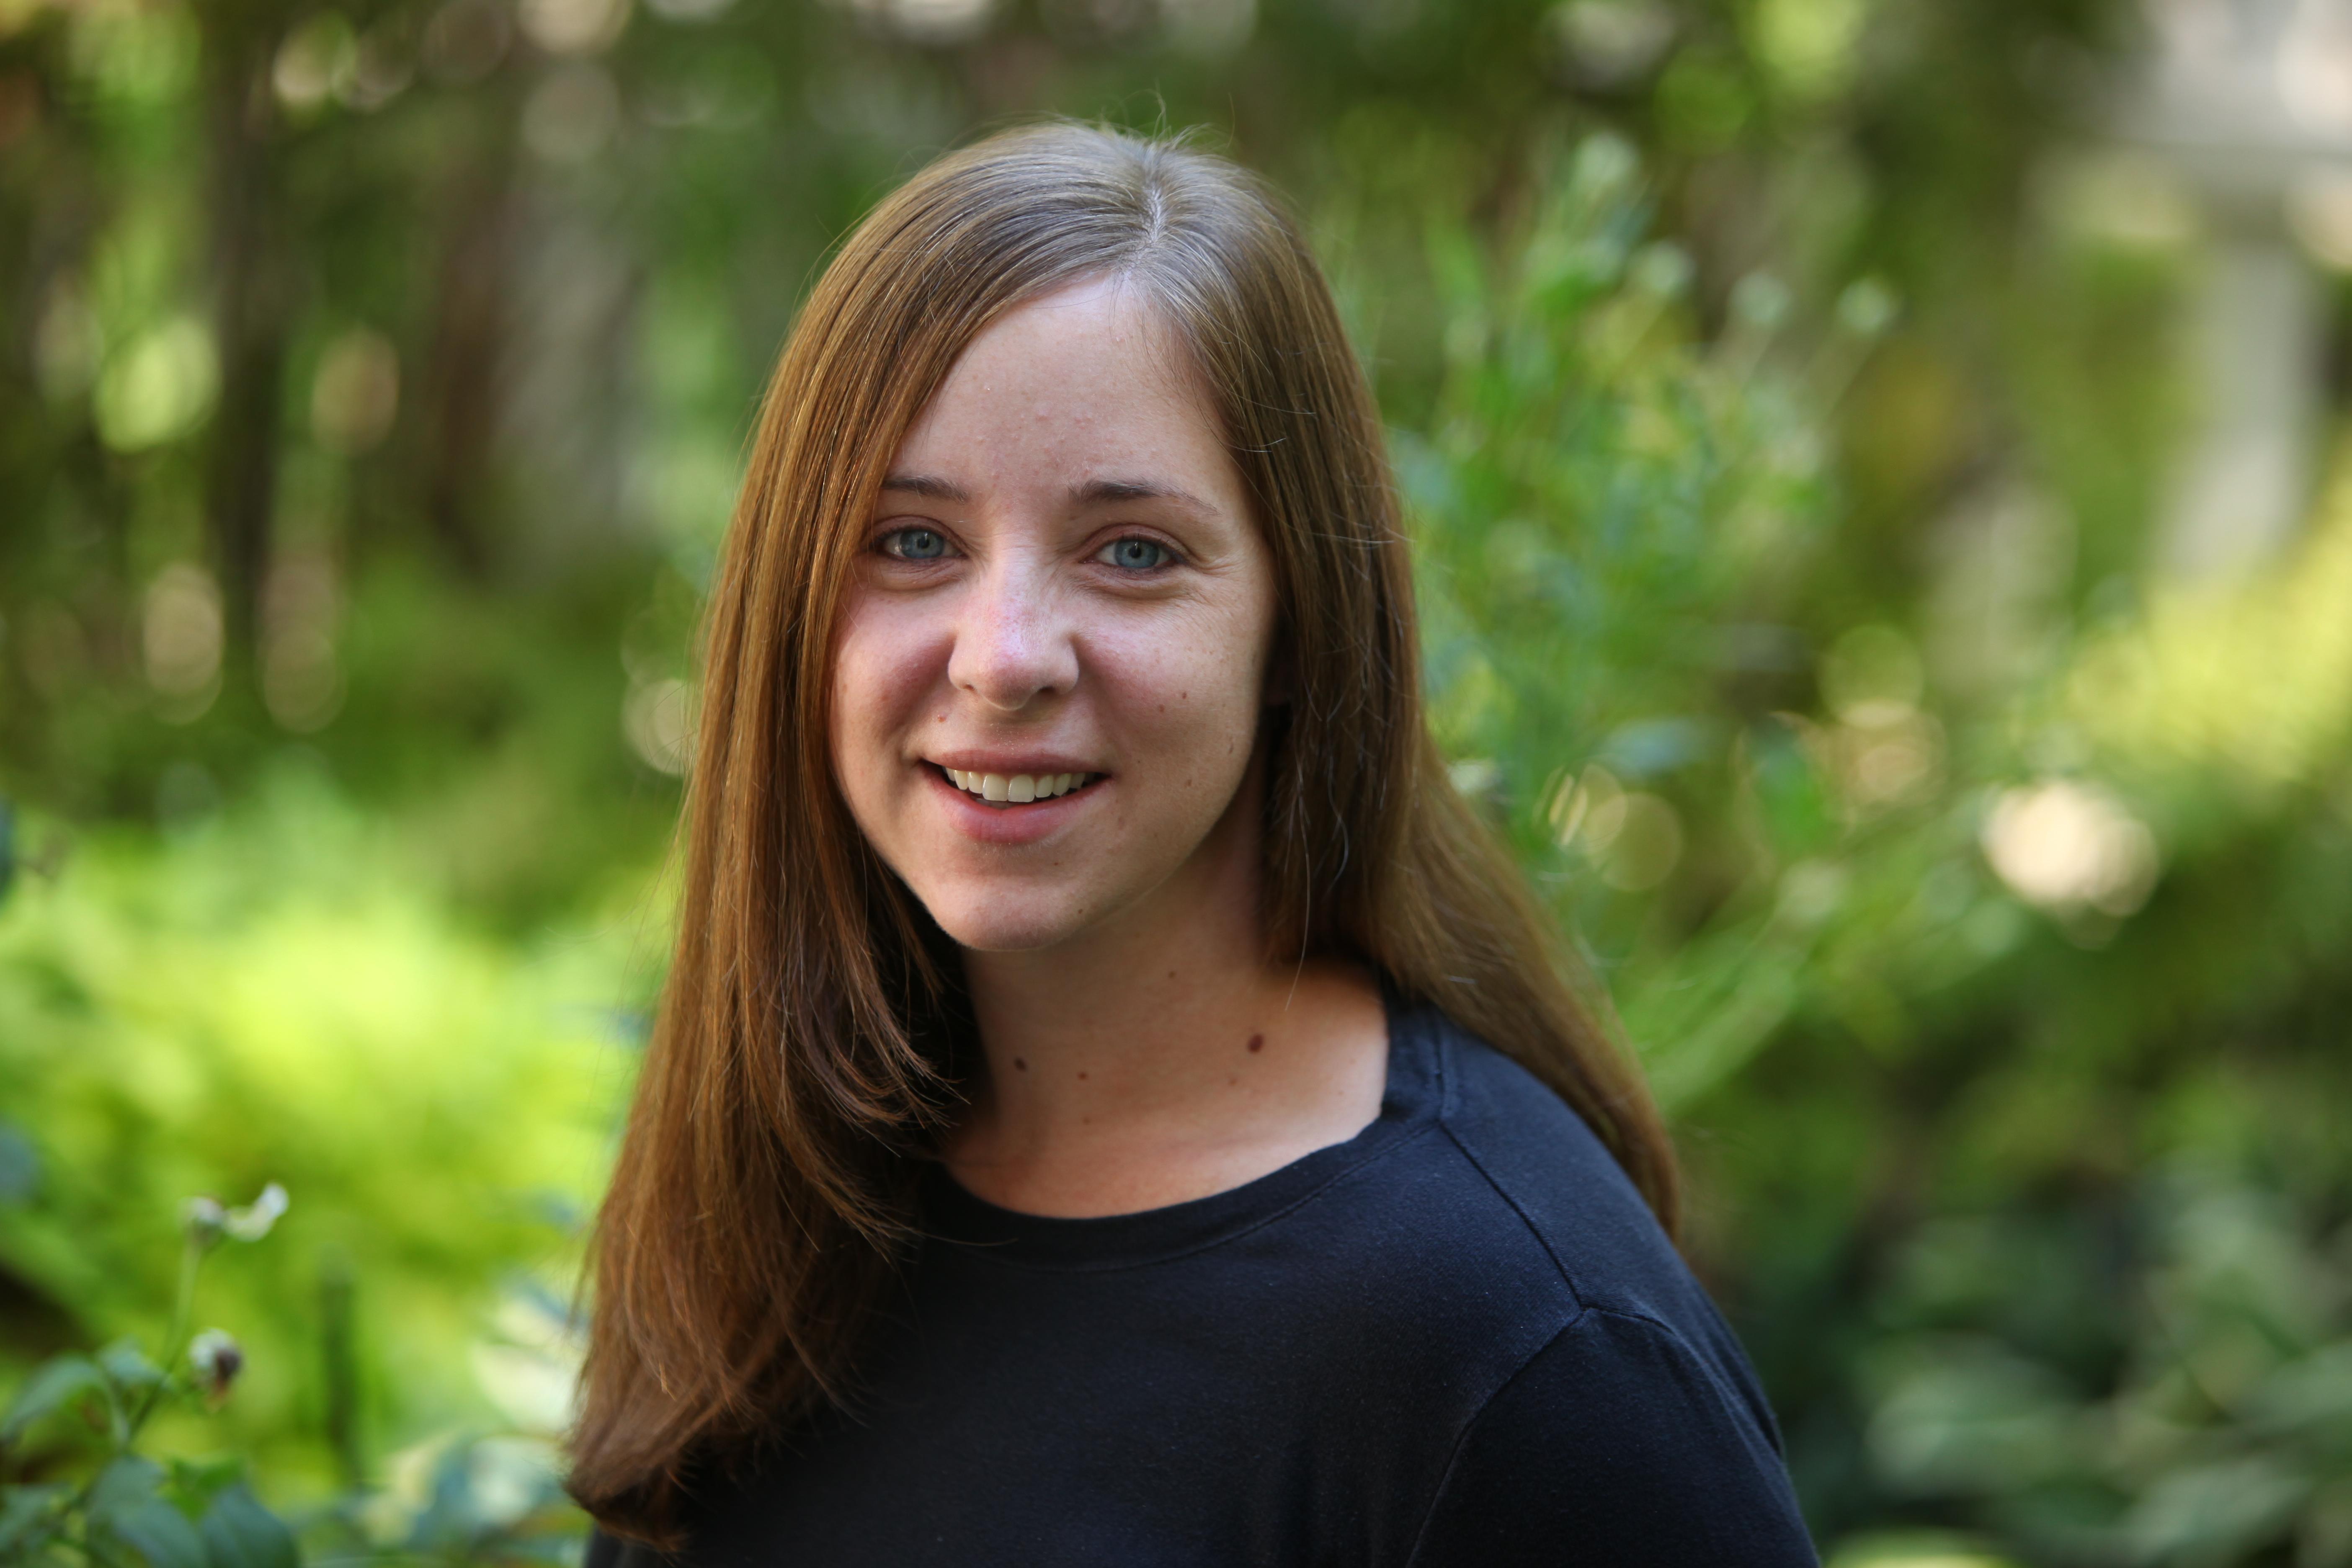 Megan Ward nyu